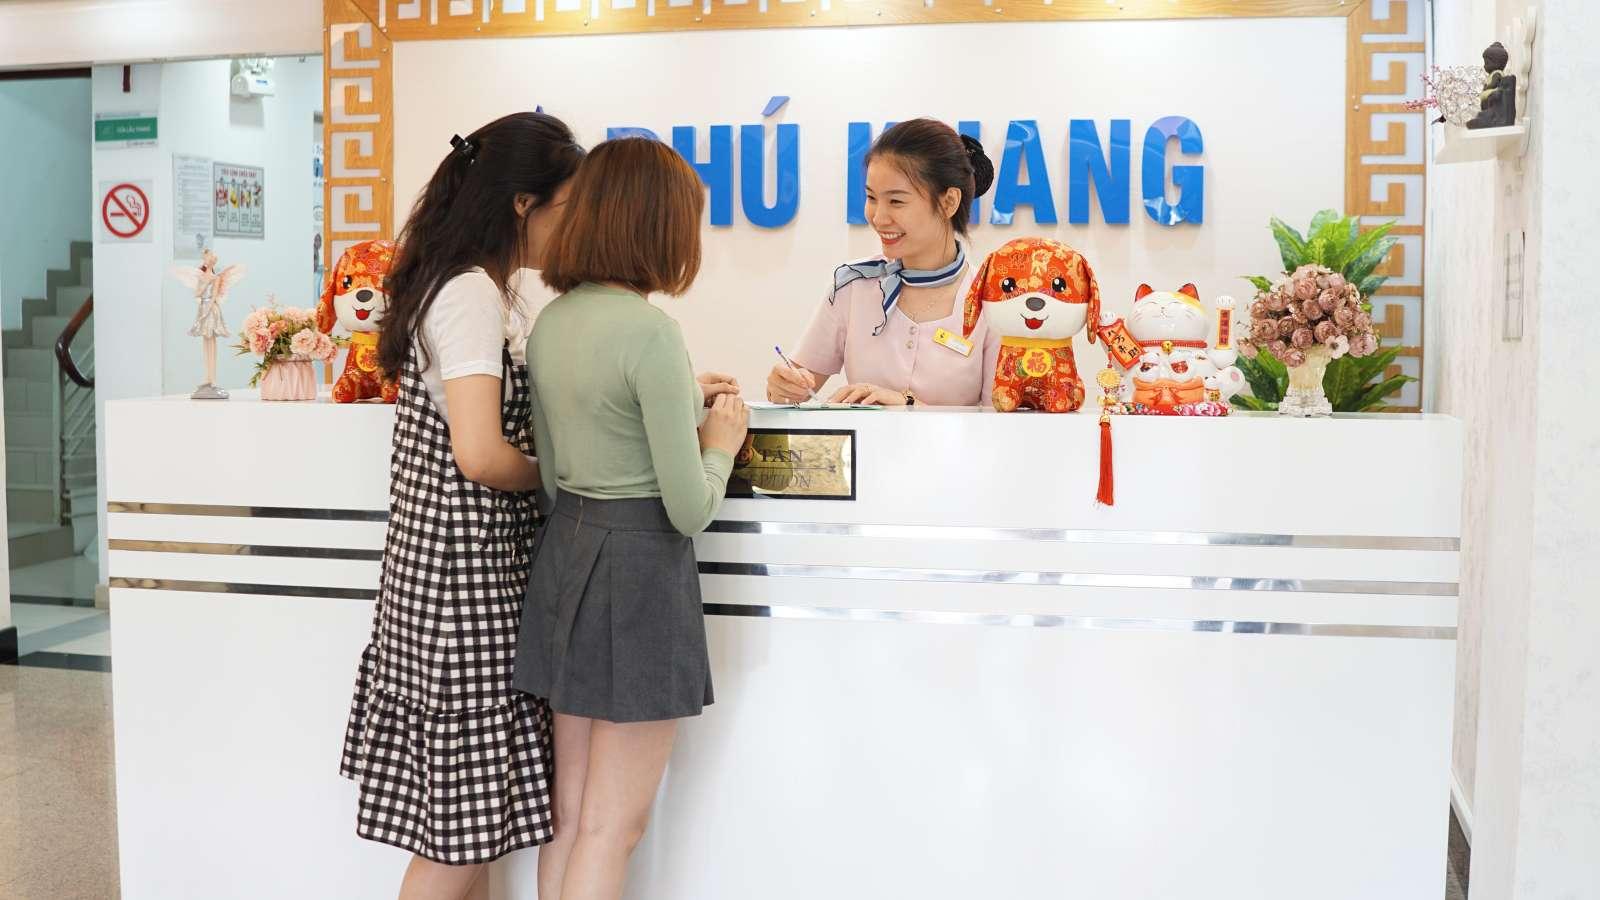 tham-my-vien-phu-khang